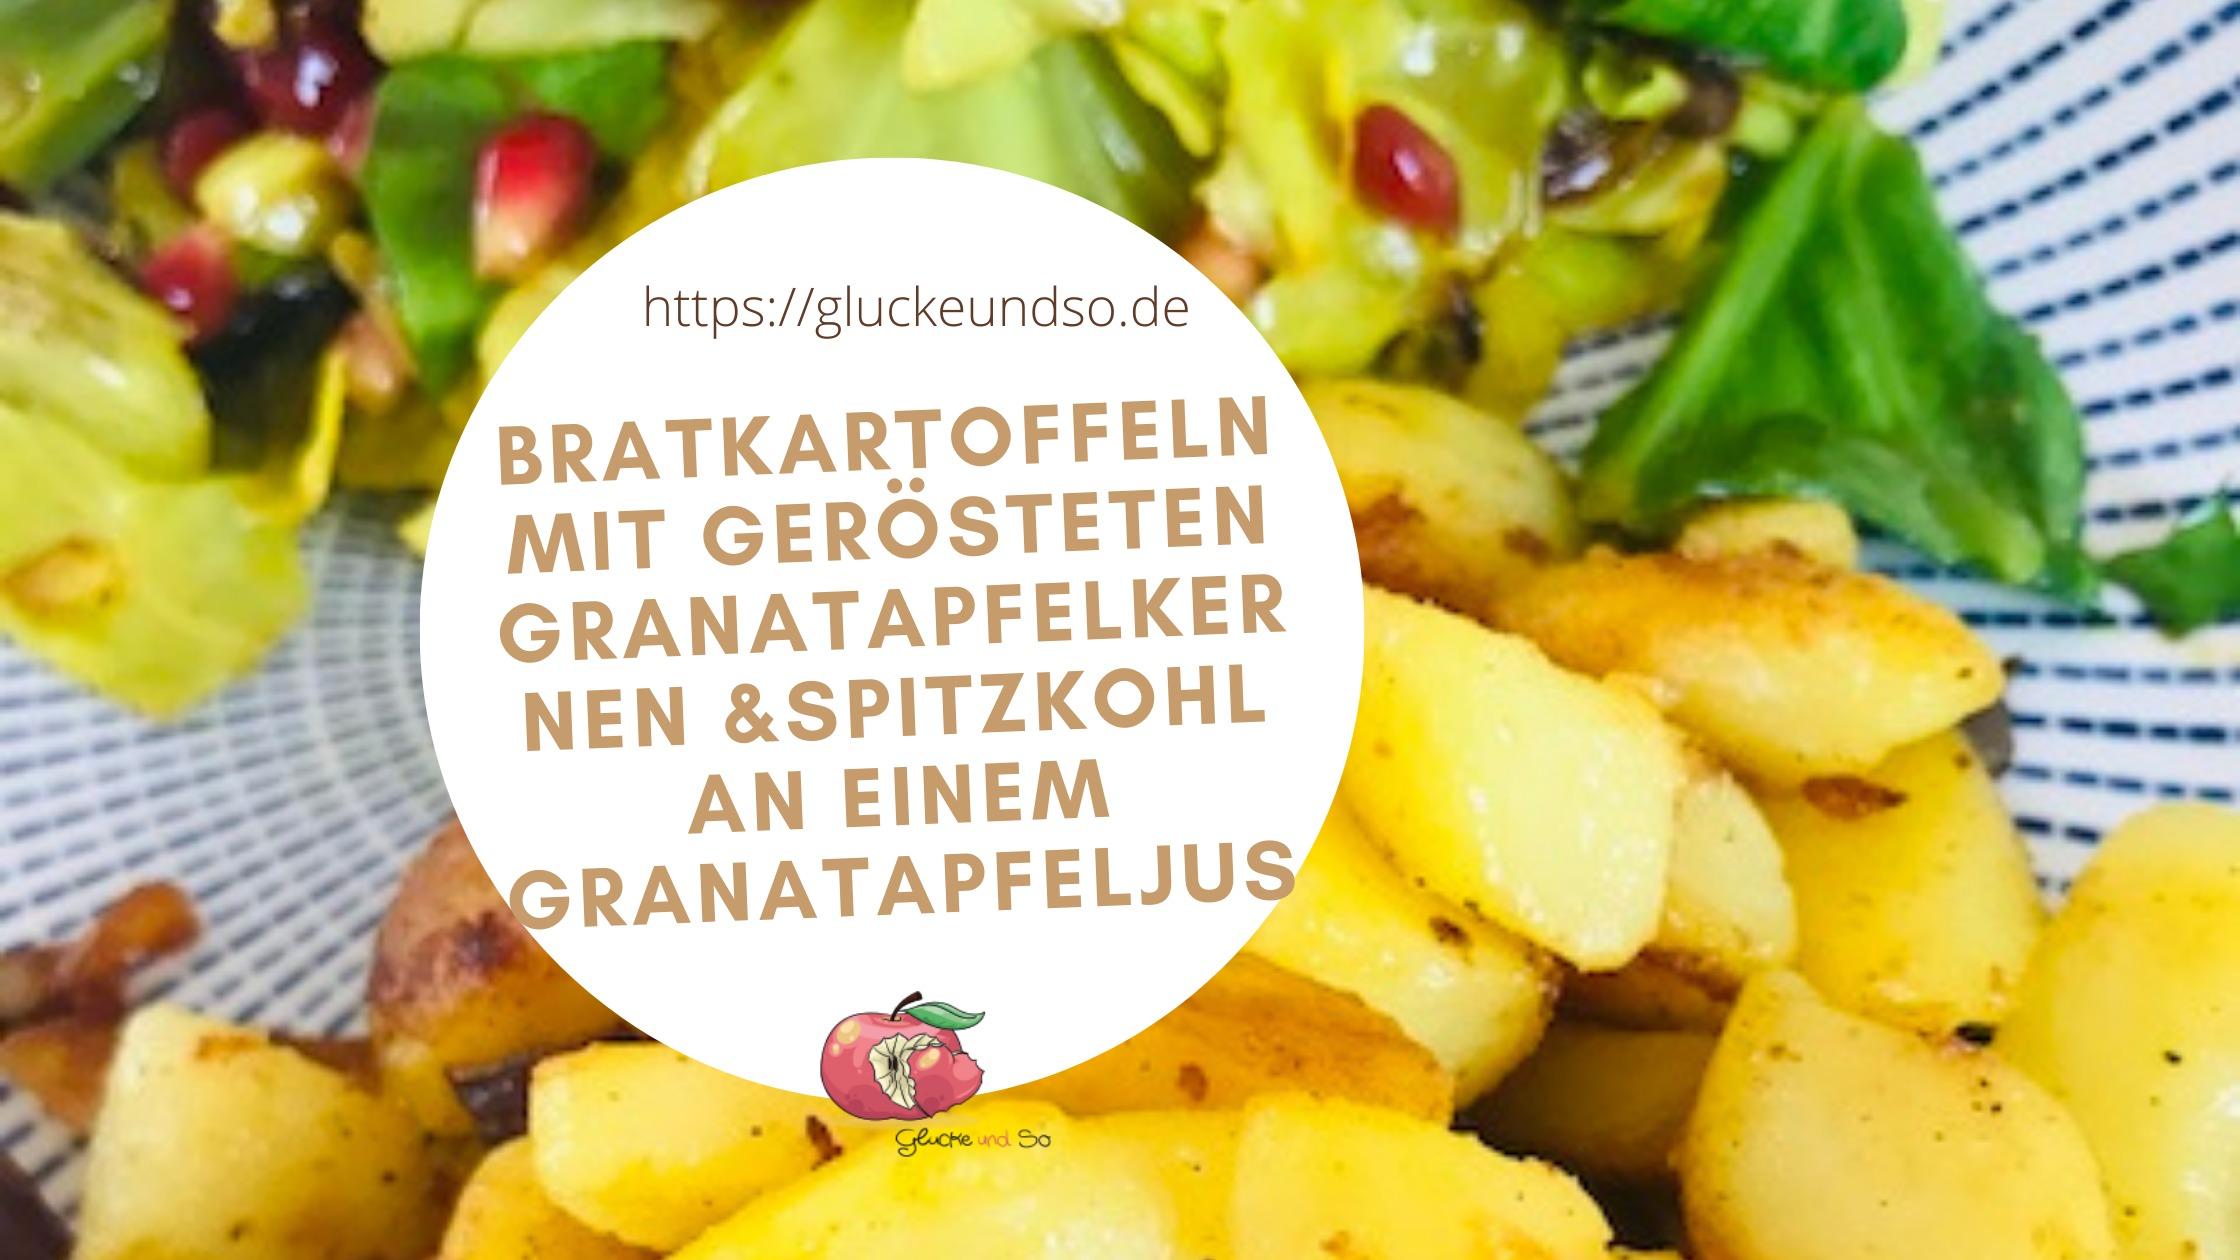 Spitzkohl mit Granatapfelkernen an Bratkartoffeln